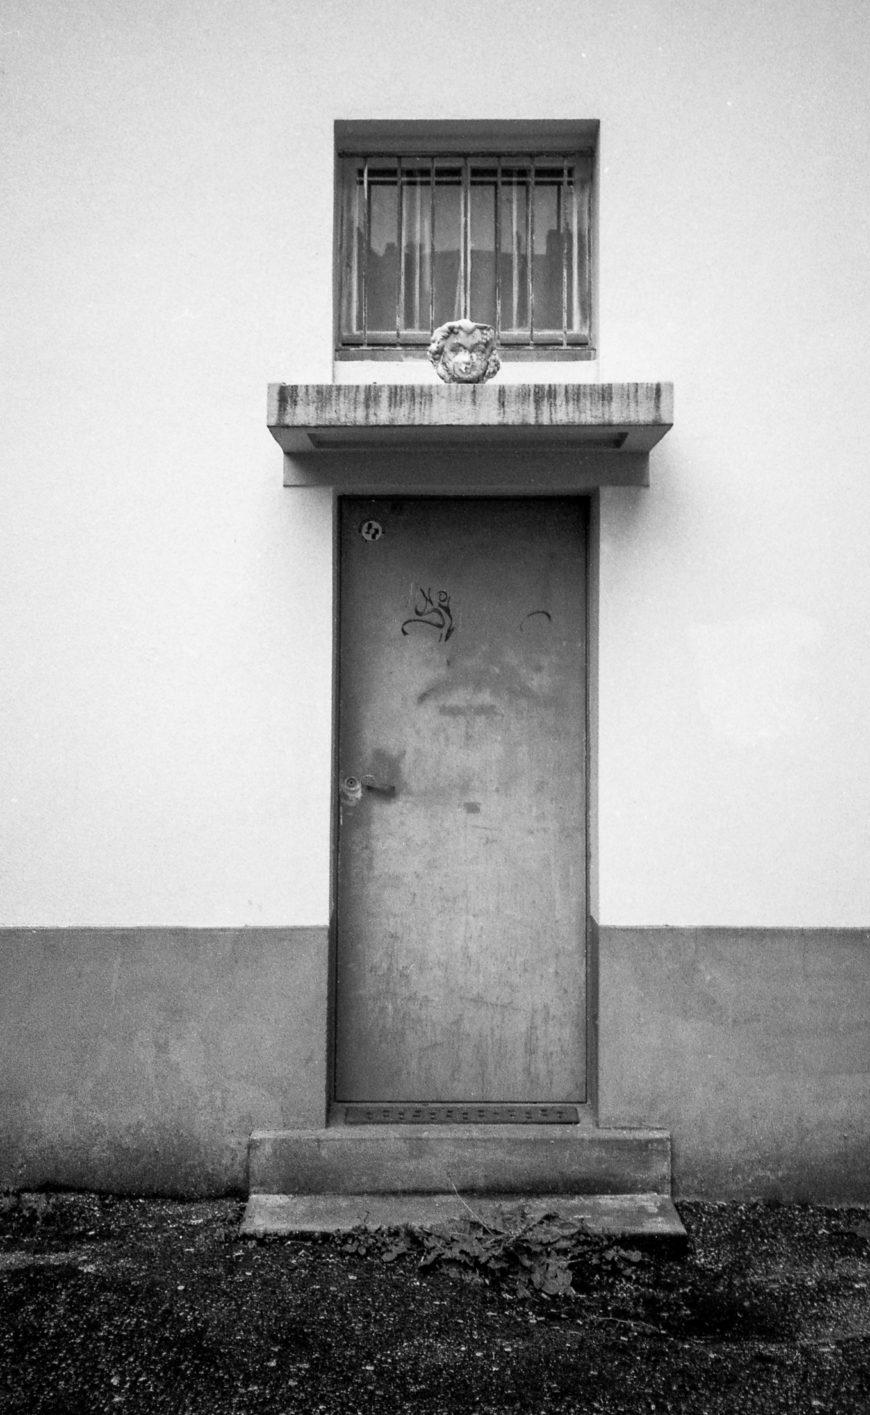 The head on the door.